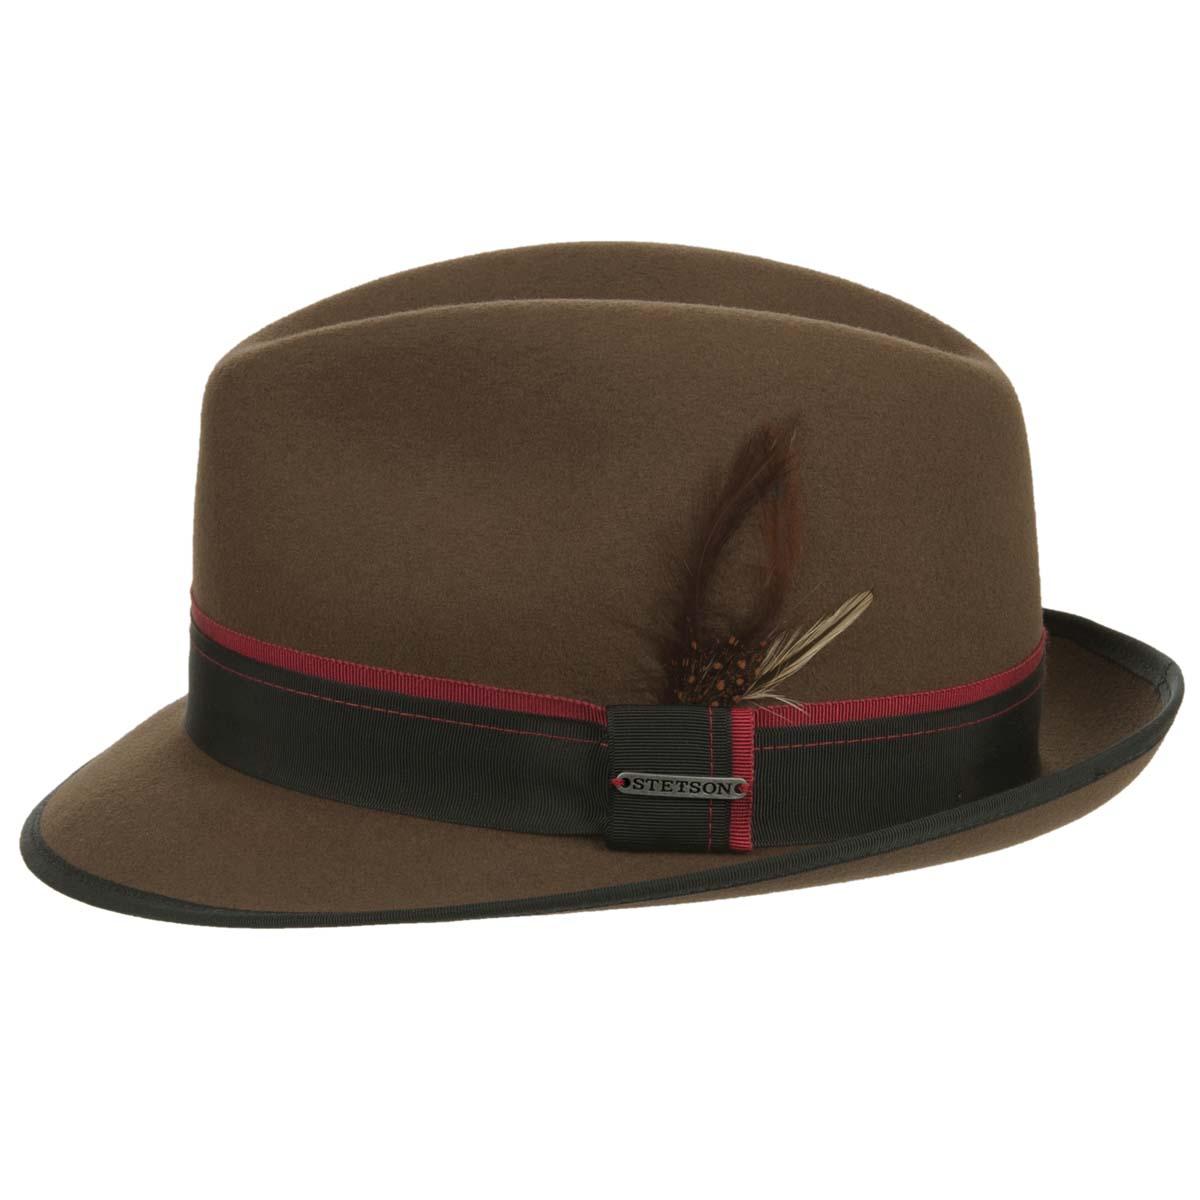 cappello modello Trilby Virginia Vitafelt firmato STETSON 82e4b623ae5b